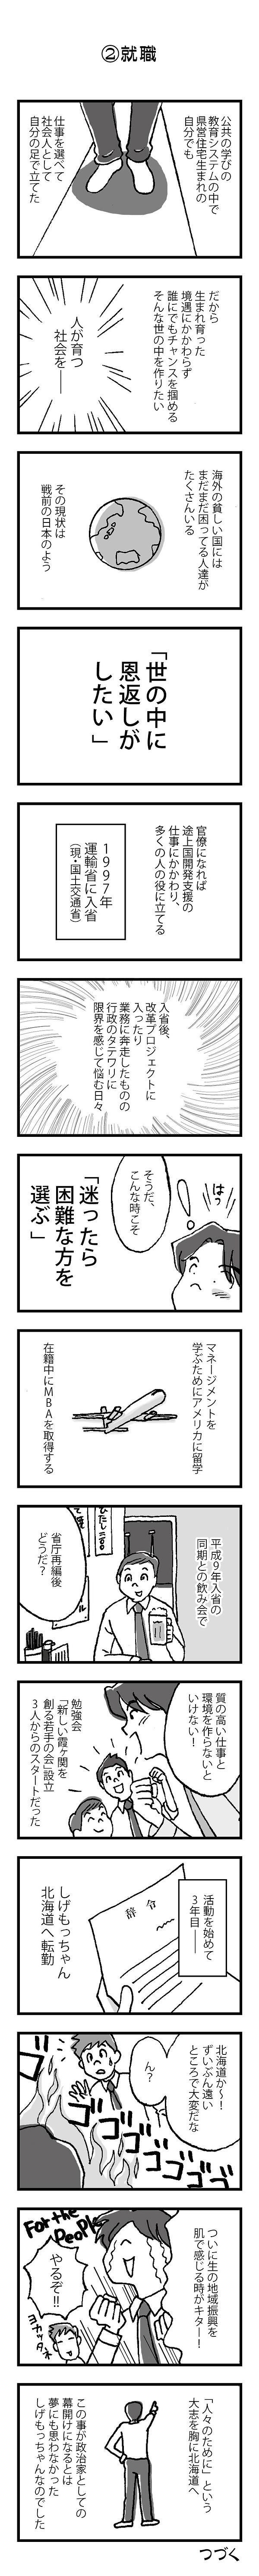 役人時代.jpg